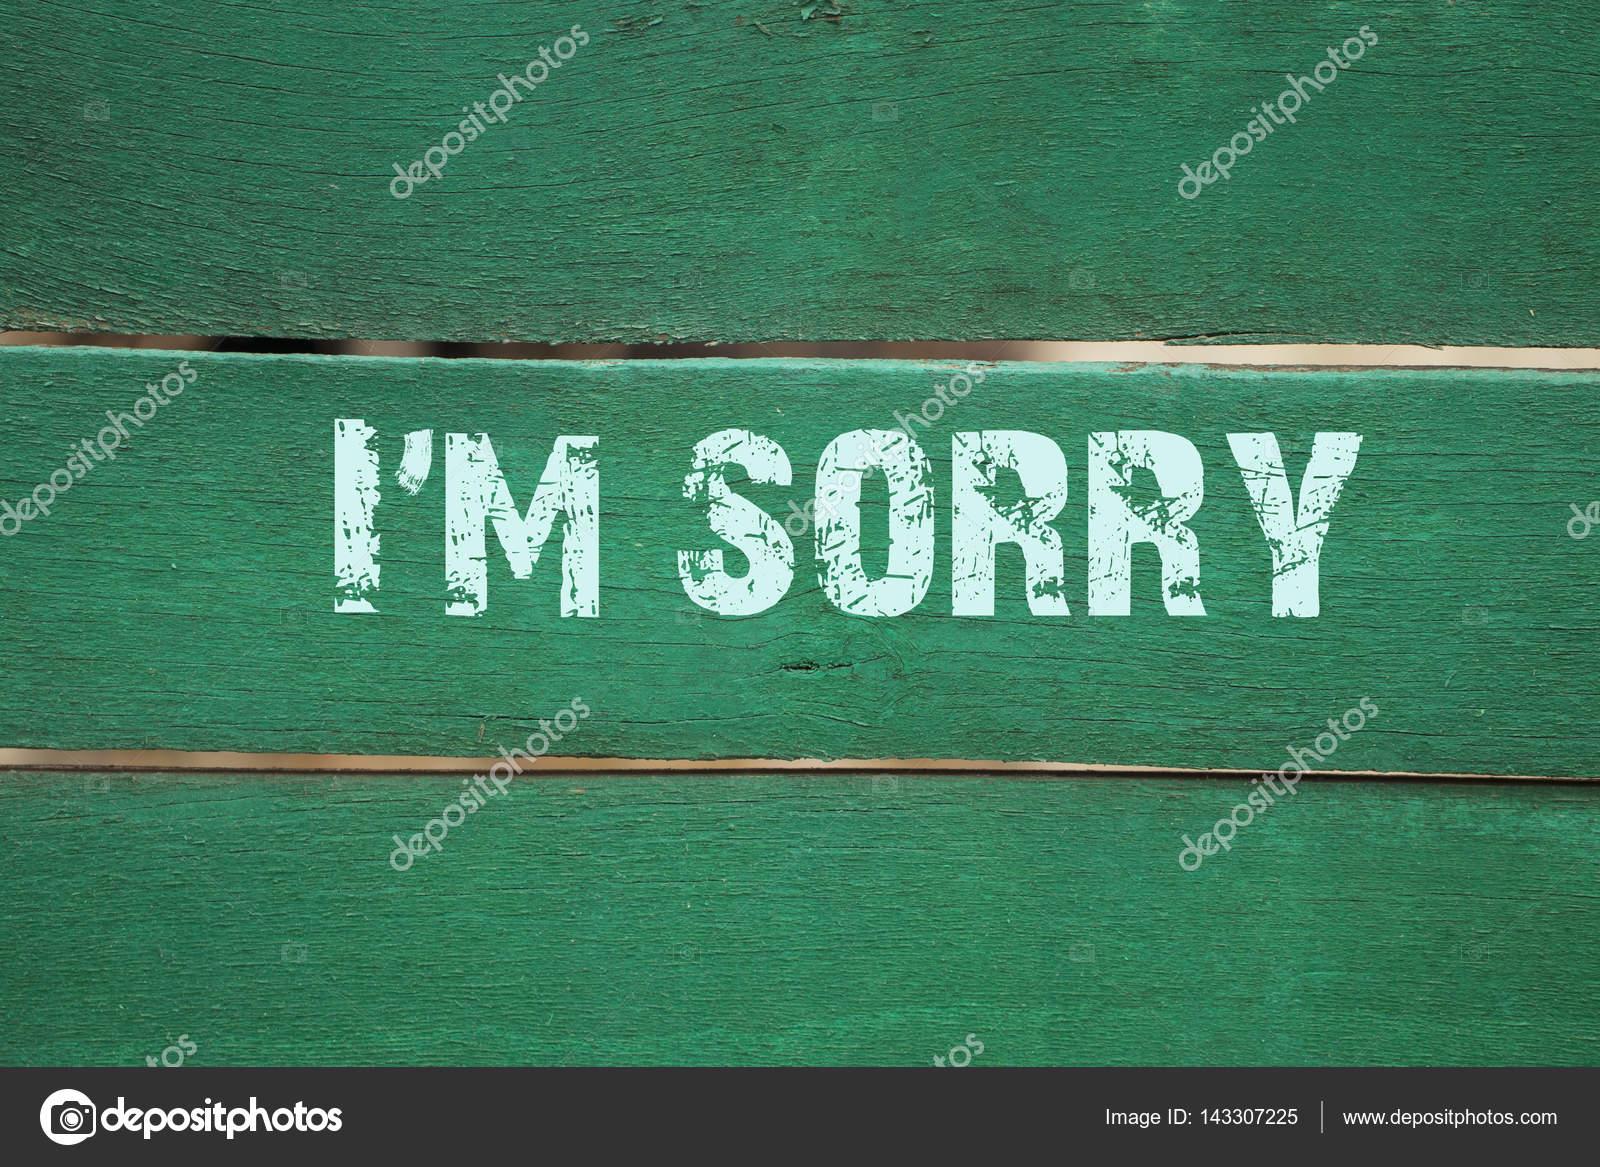 я очень жаль фраза написана на старый зеленый фон стоковое